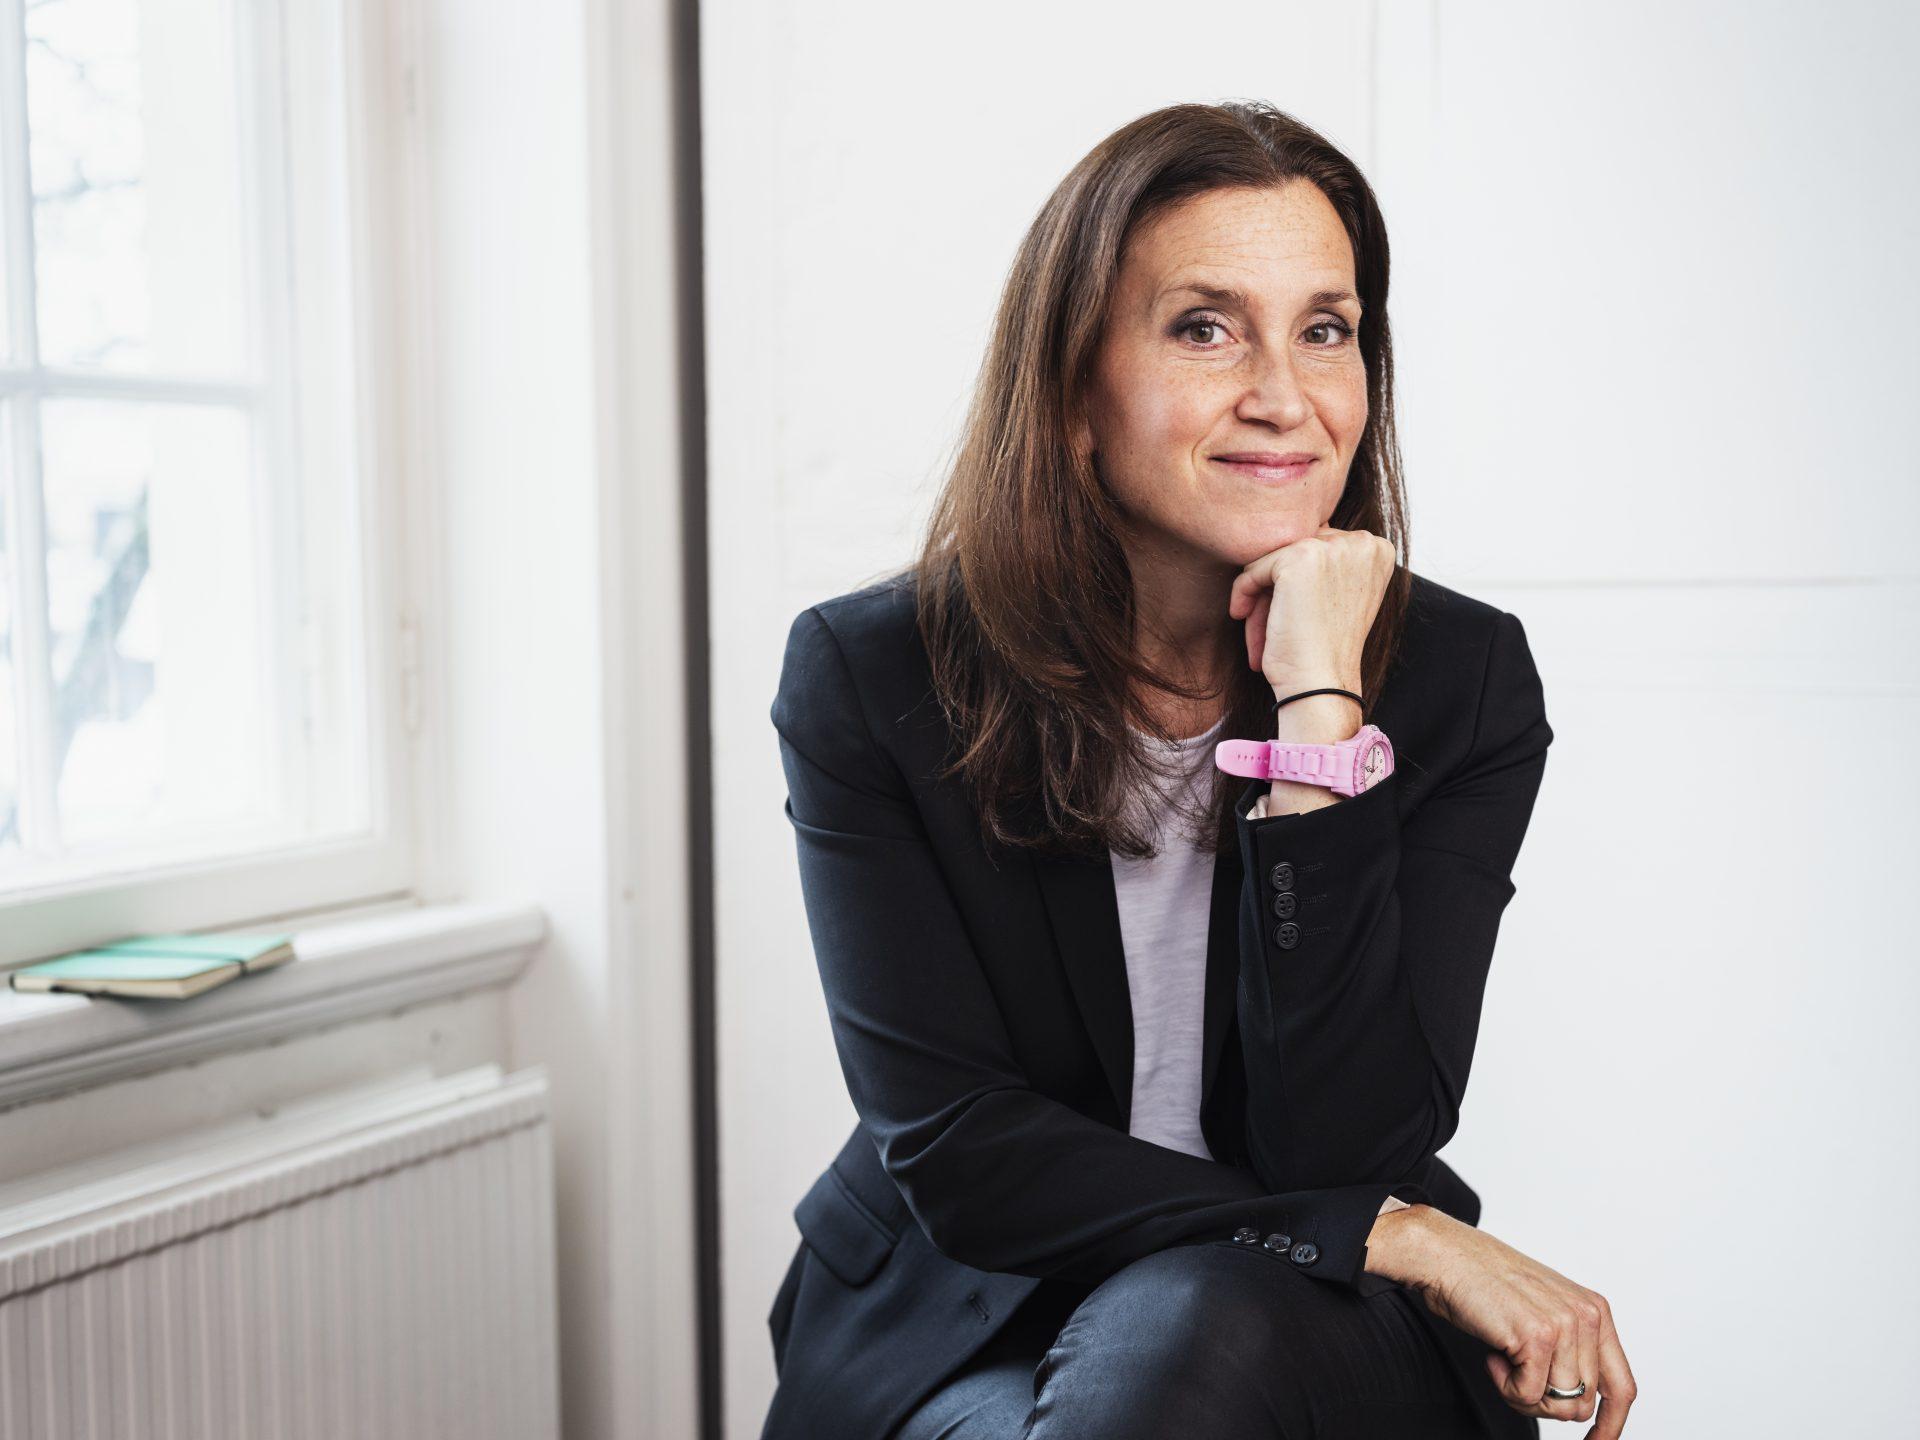 Sanna Koritz